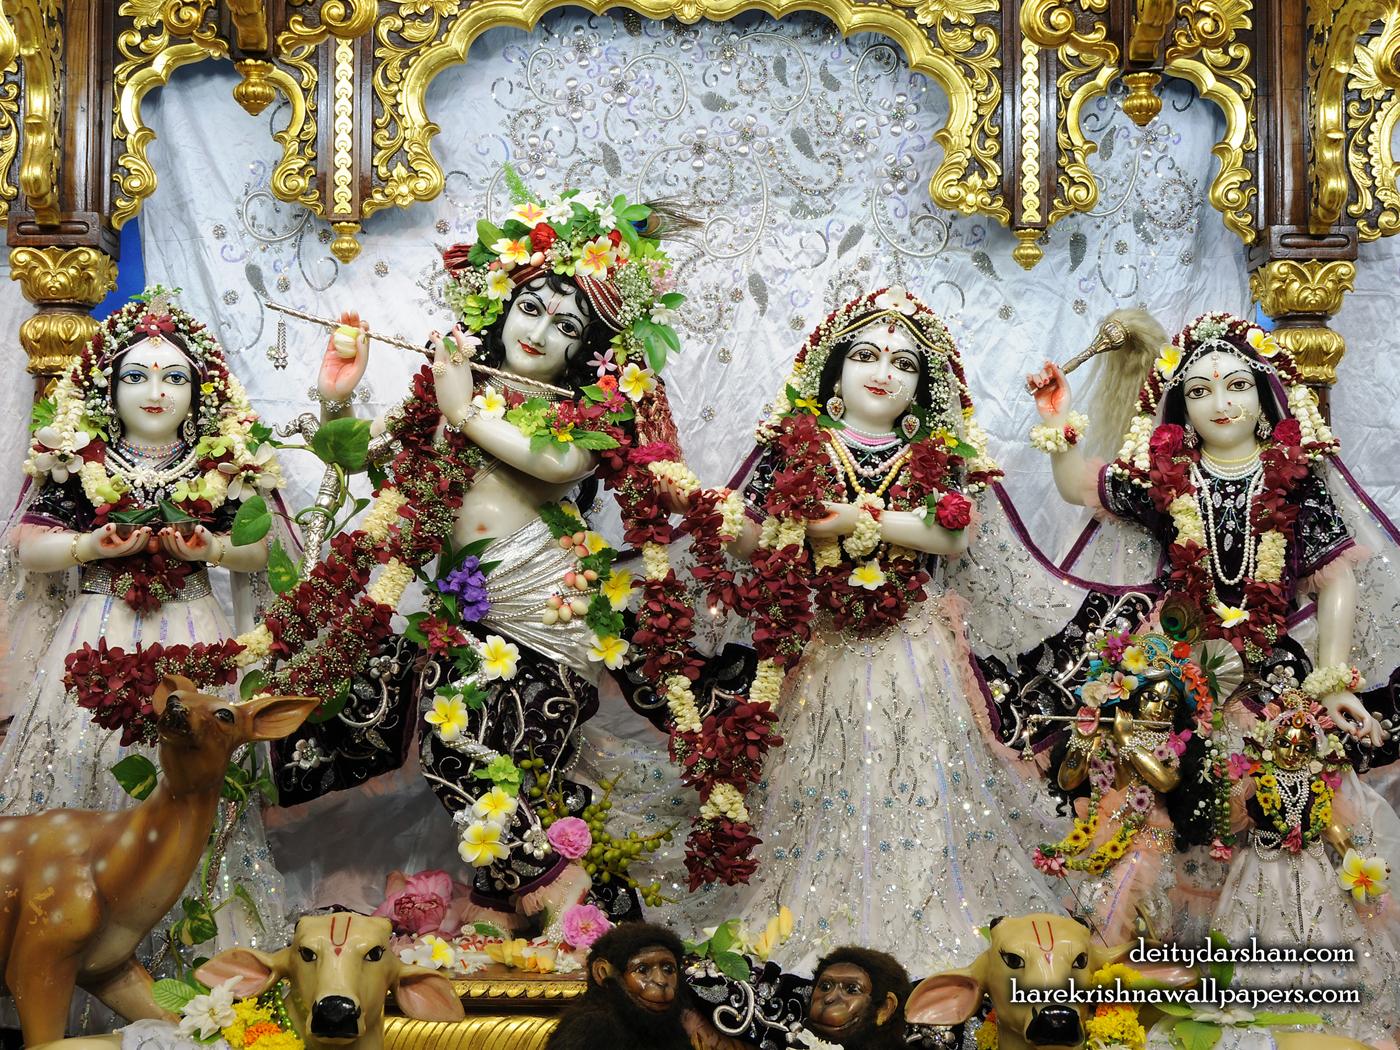 Sri Sri Radha Gopinath Lalita Vishakha Wallpaper (073) Size 1400x1050 Download